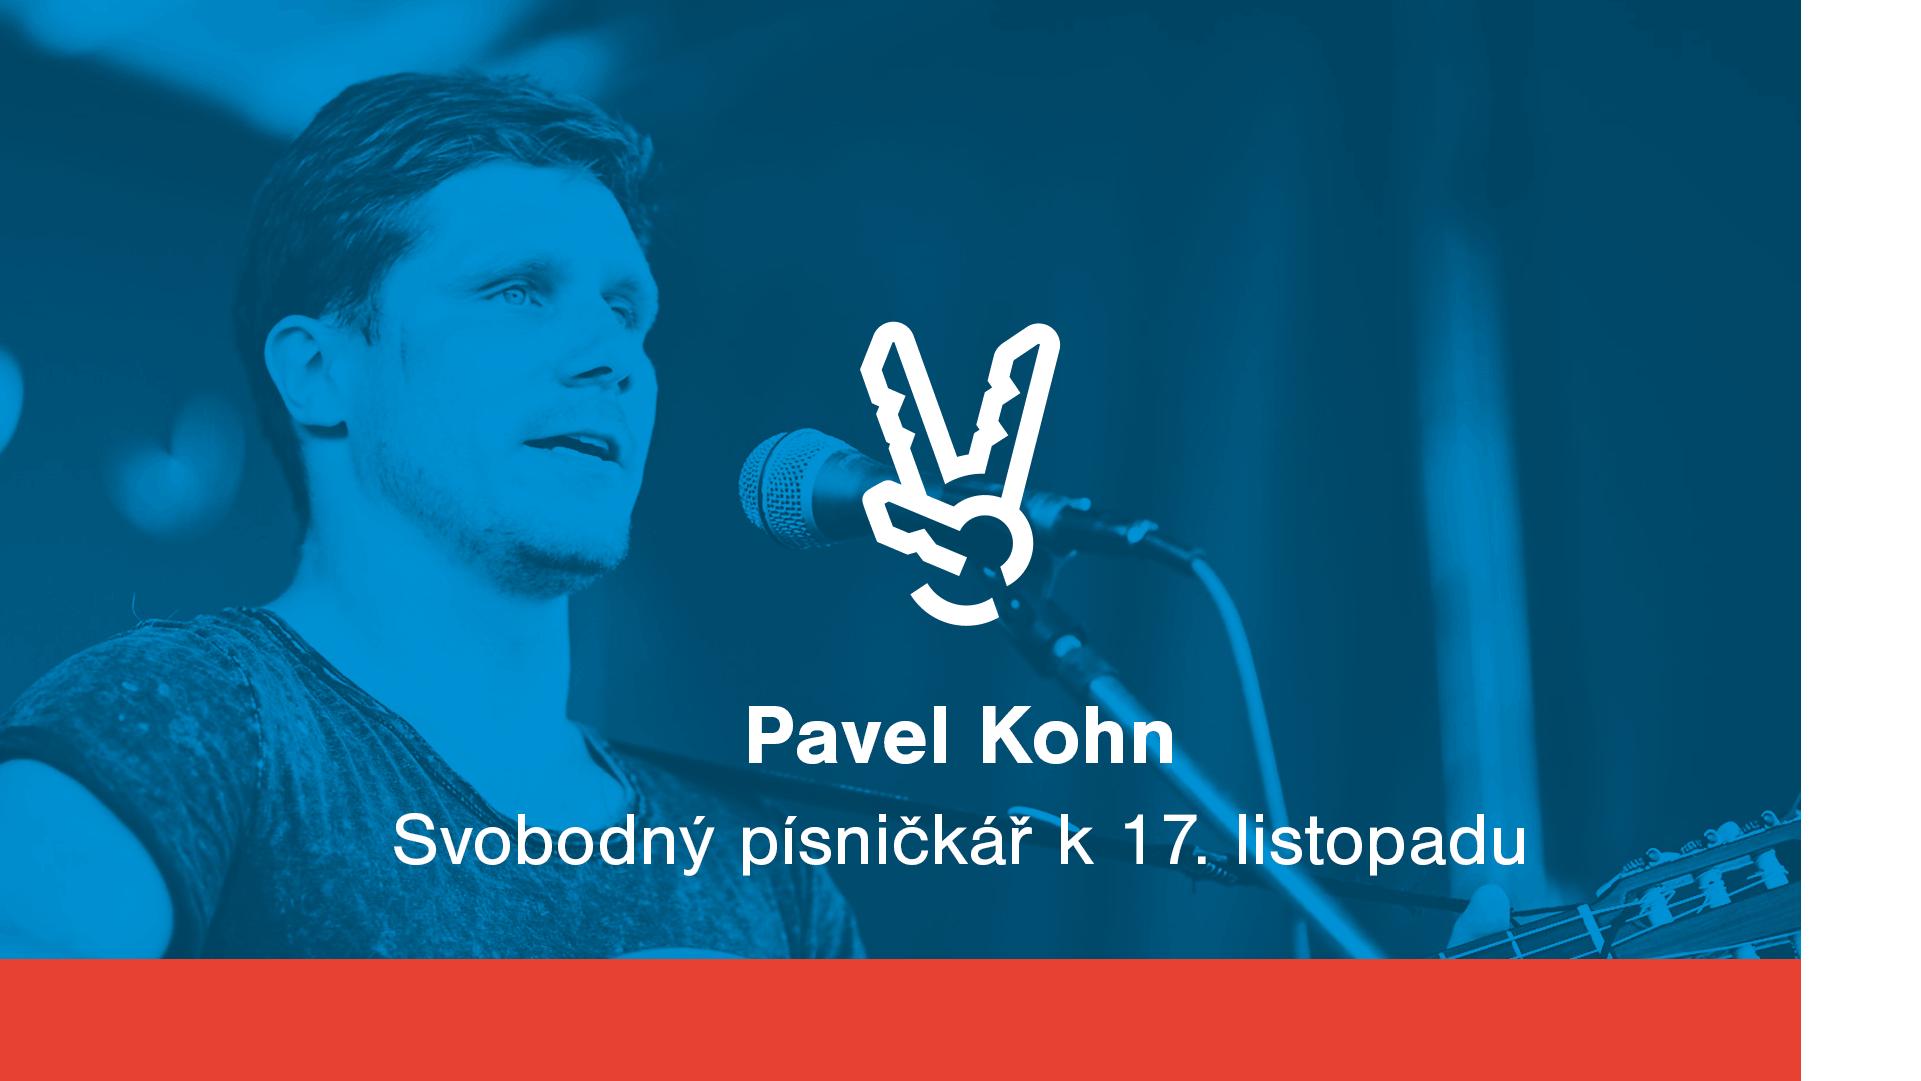 Pavel Kohn - Svobodný písničkář k 17. listopadu